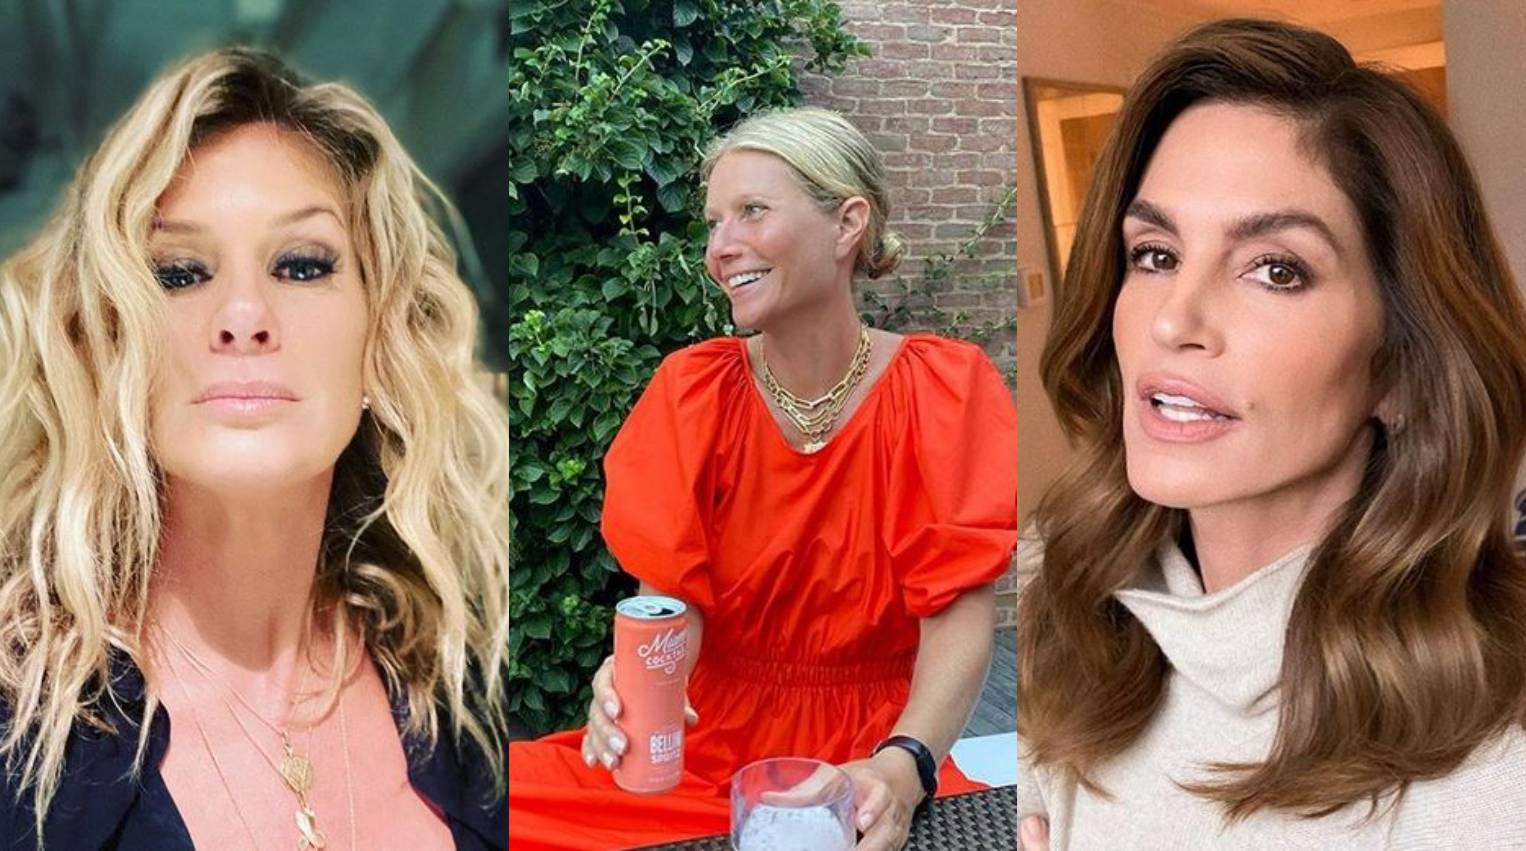 Vizažist slavnih Riku Campo: Žene iznad 40-ih trebale bi odbaciti staromodne stereotipe